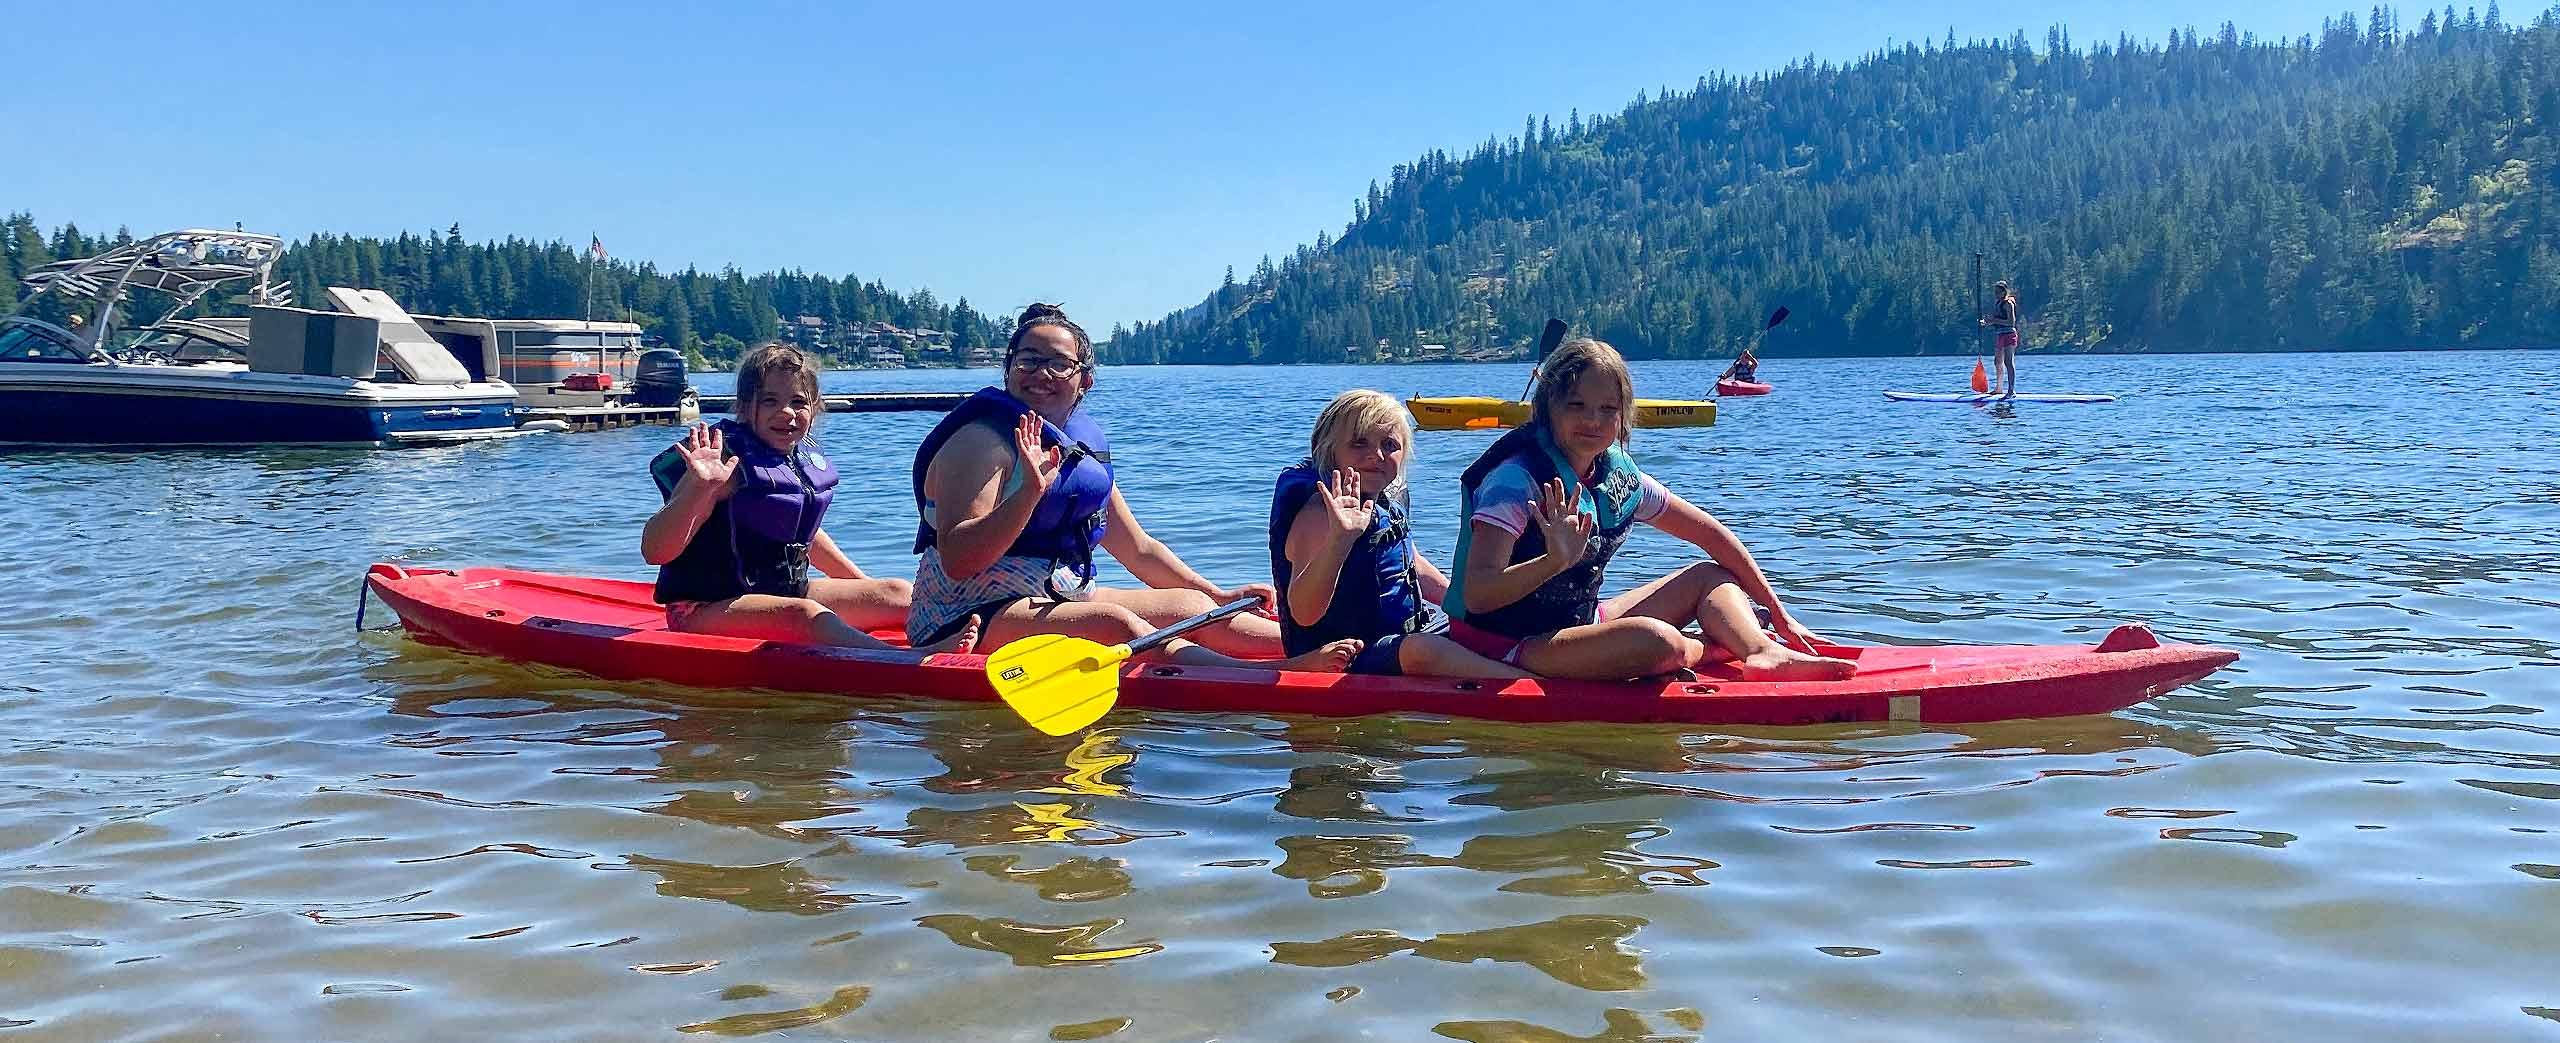 Kids playing on a kayak at Twinlow Camp